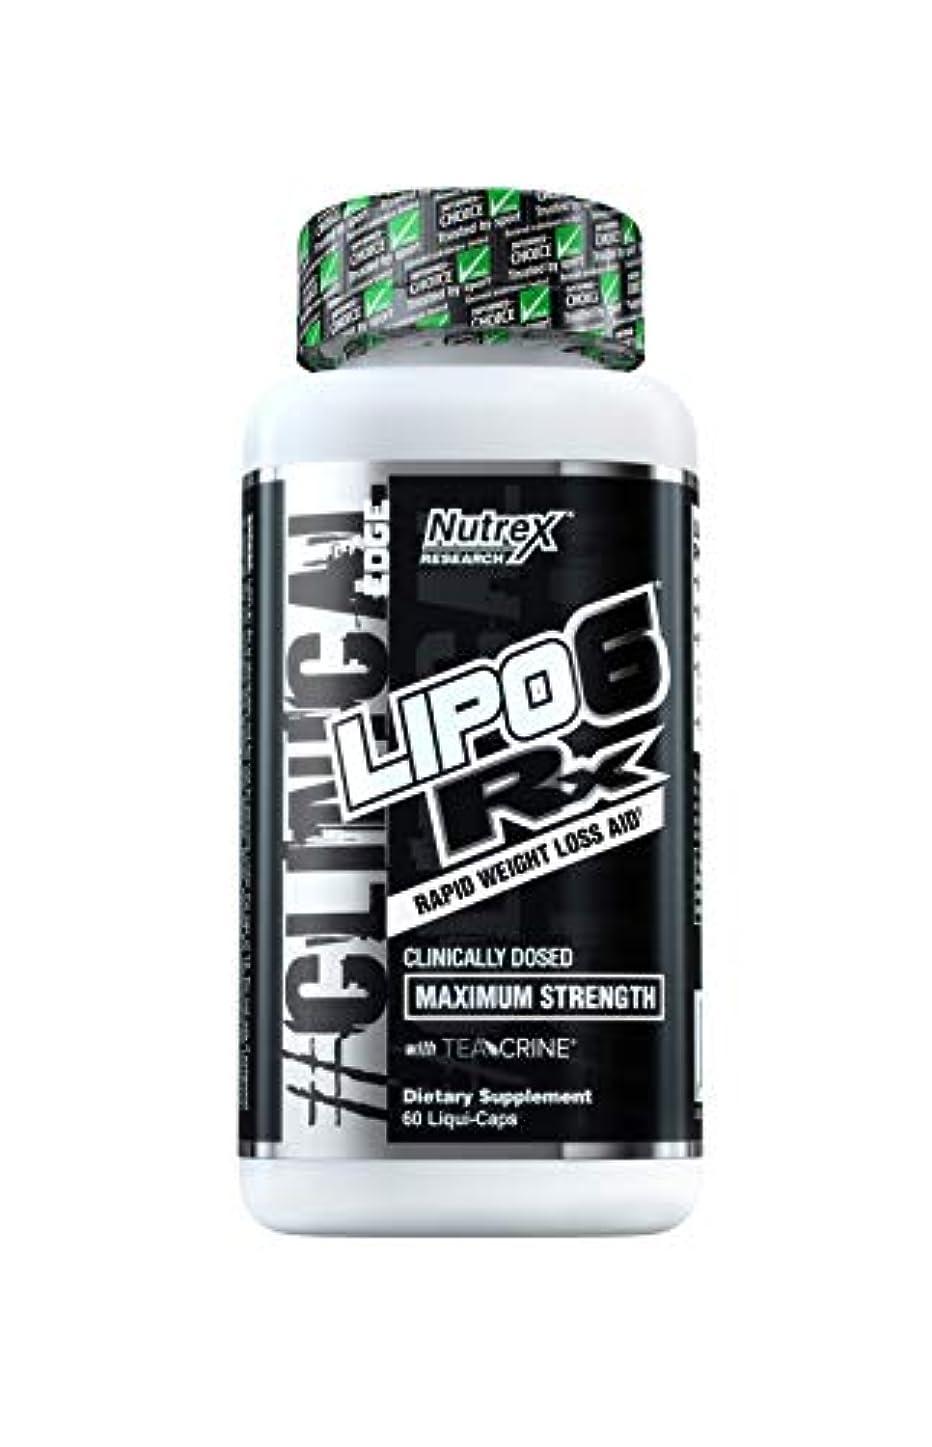 規則性緩める反対するLipo 6.(リポ6)RX Rapid Weight Loss Aid Maximum Strength 60 Liqui-Caps